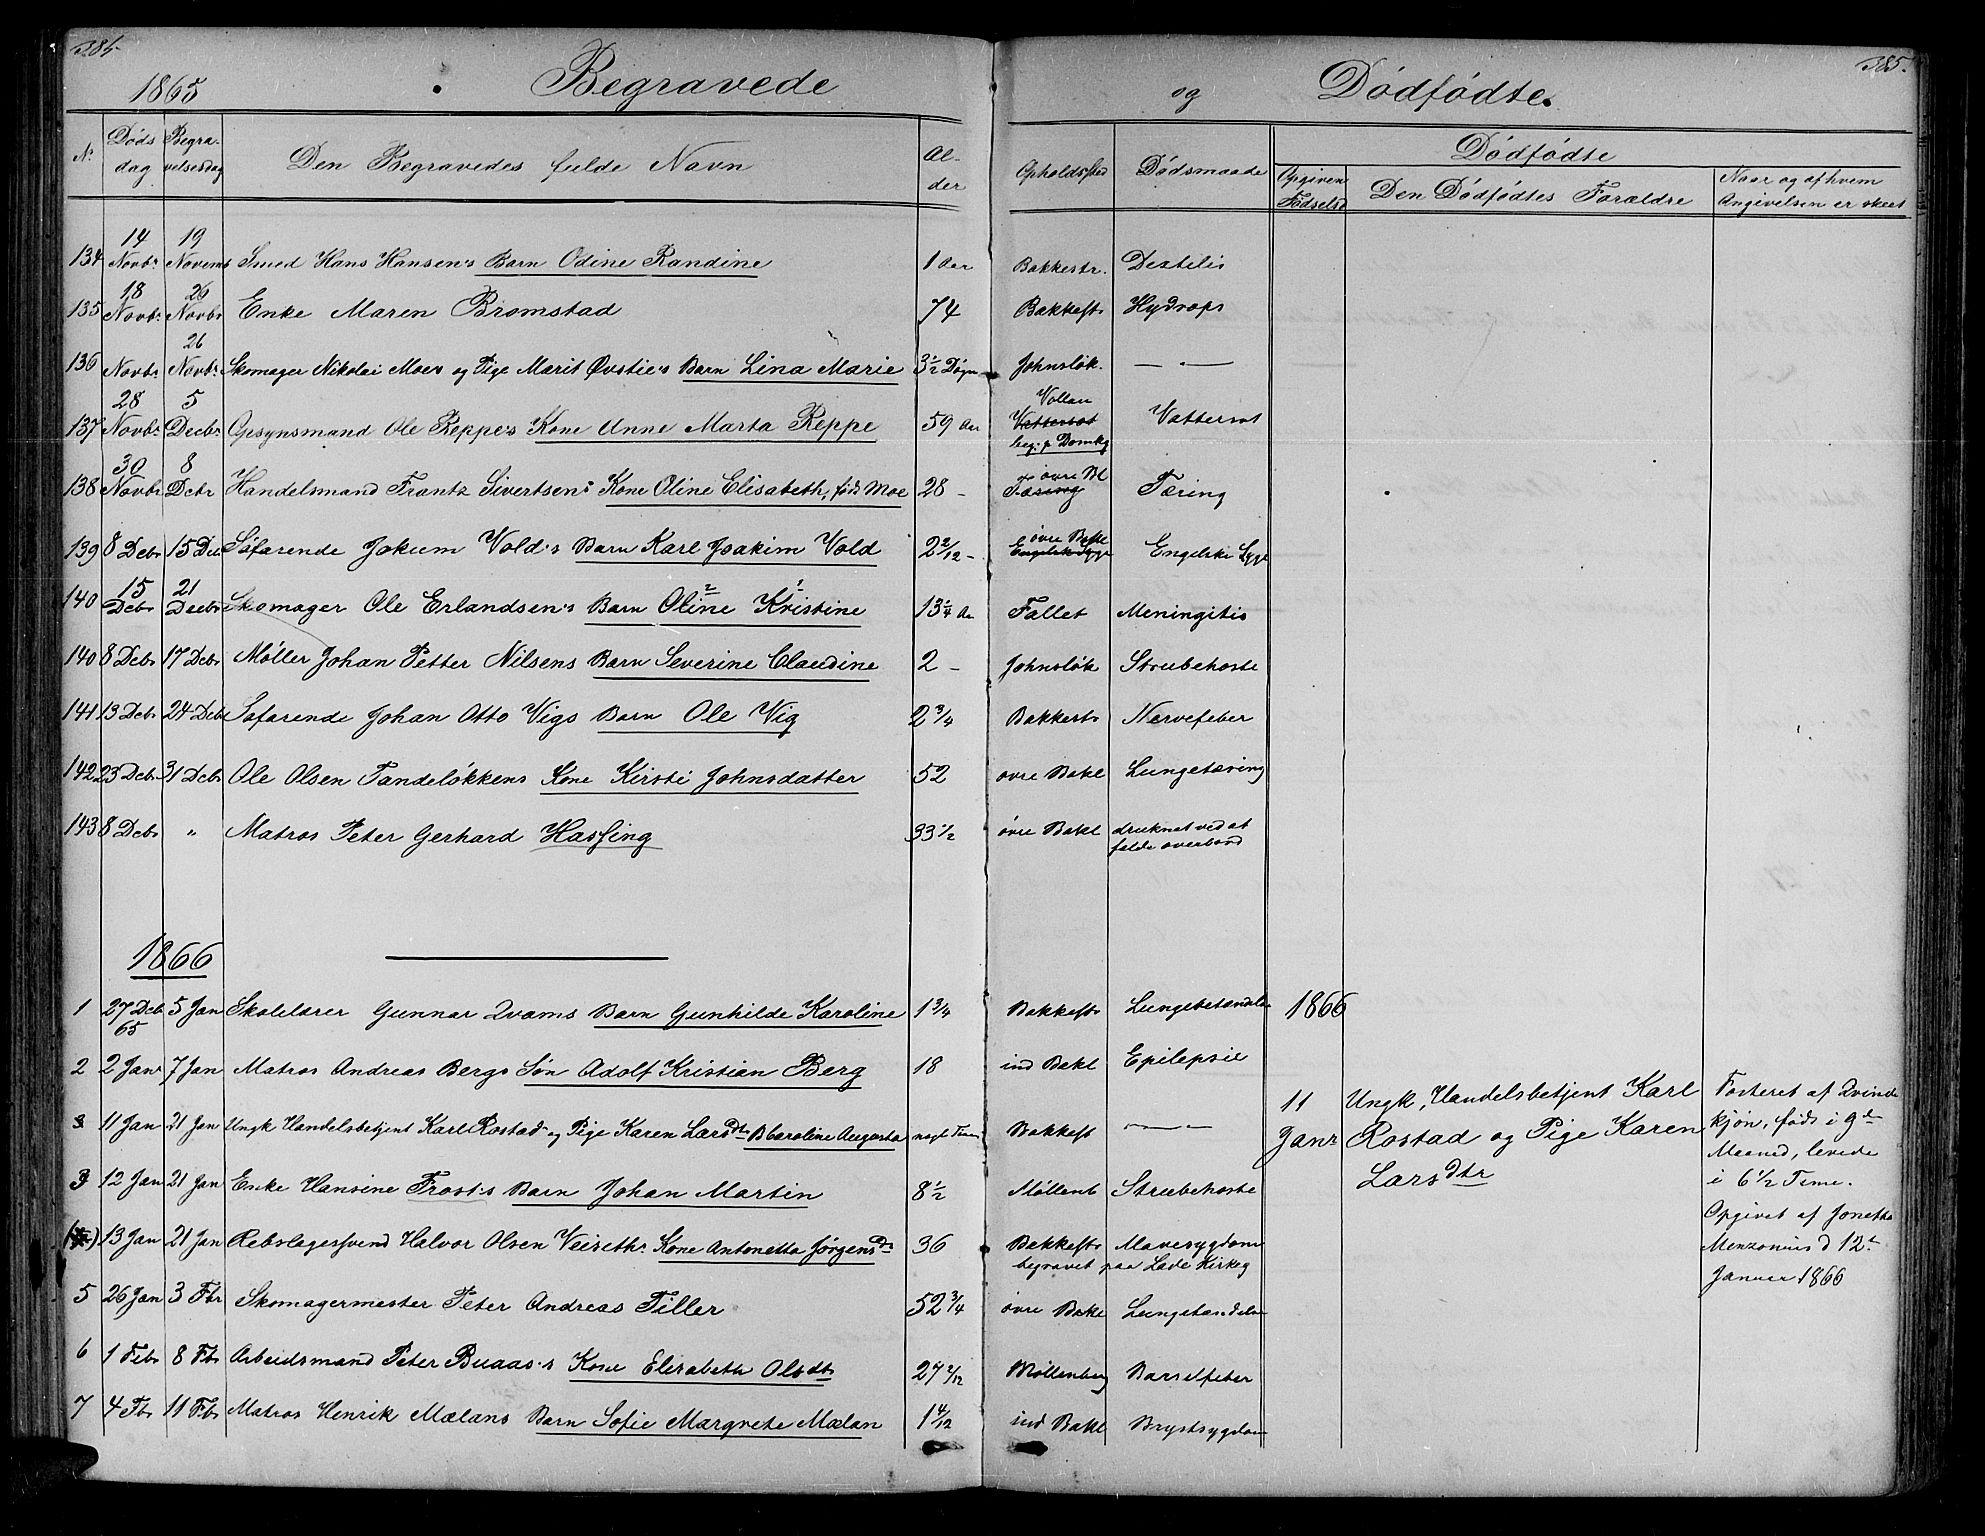 SAT, Ministerialprotokoller, klokkerbøker og fødselsregistre - Sør-Trøndelag, 604/L0219: Klokkerbok nr. 604C02, 1851-1869, s. 384-385